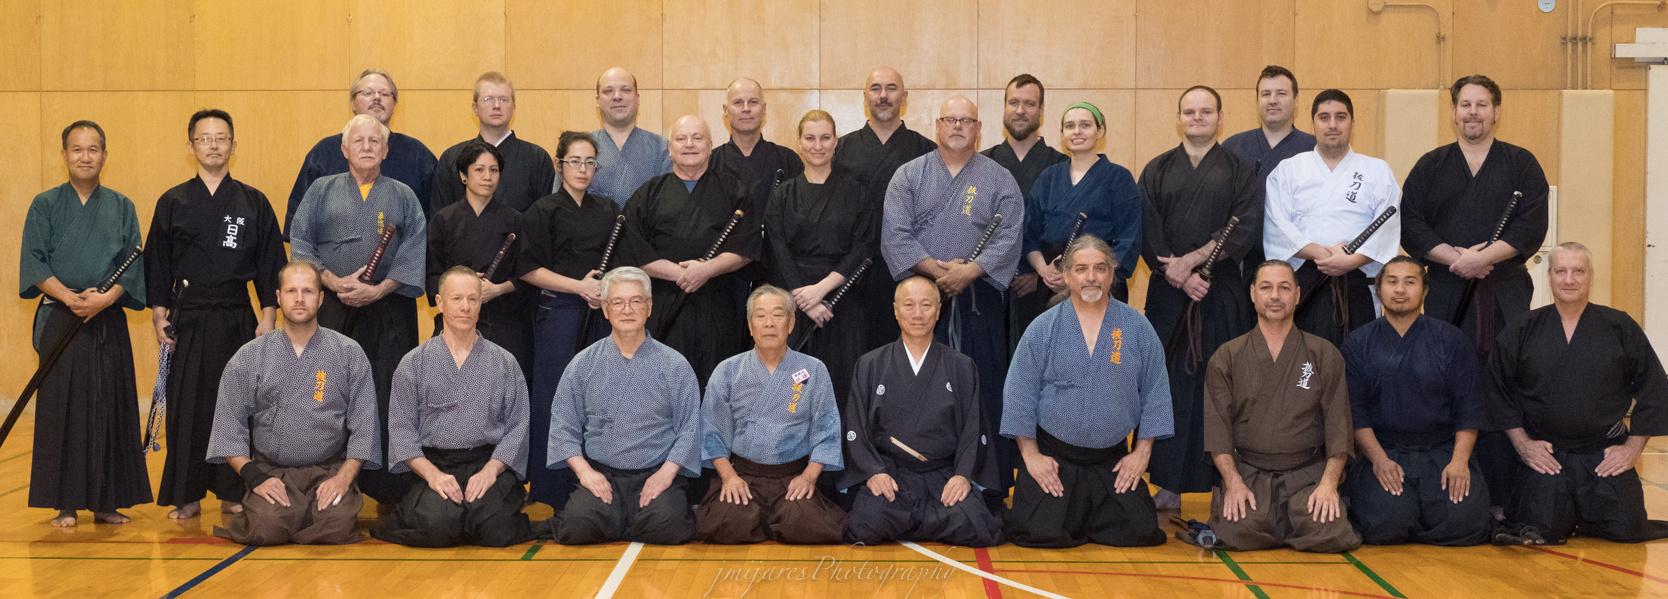 Saturday Pre-Taikai training group photo.